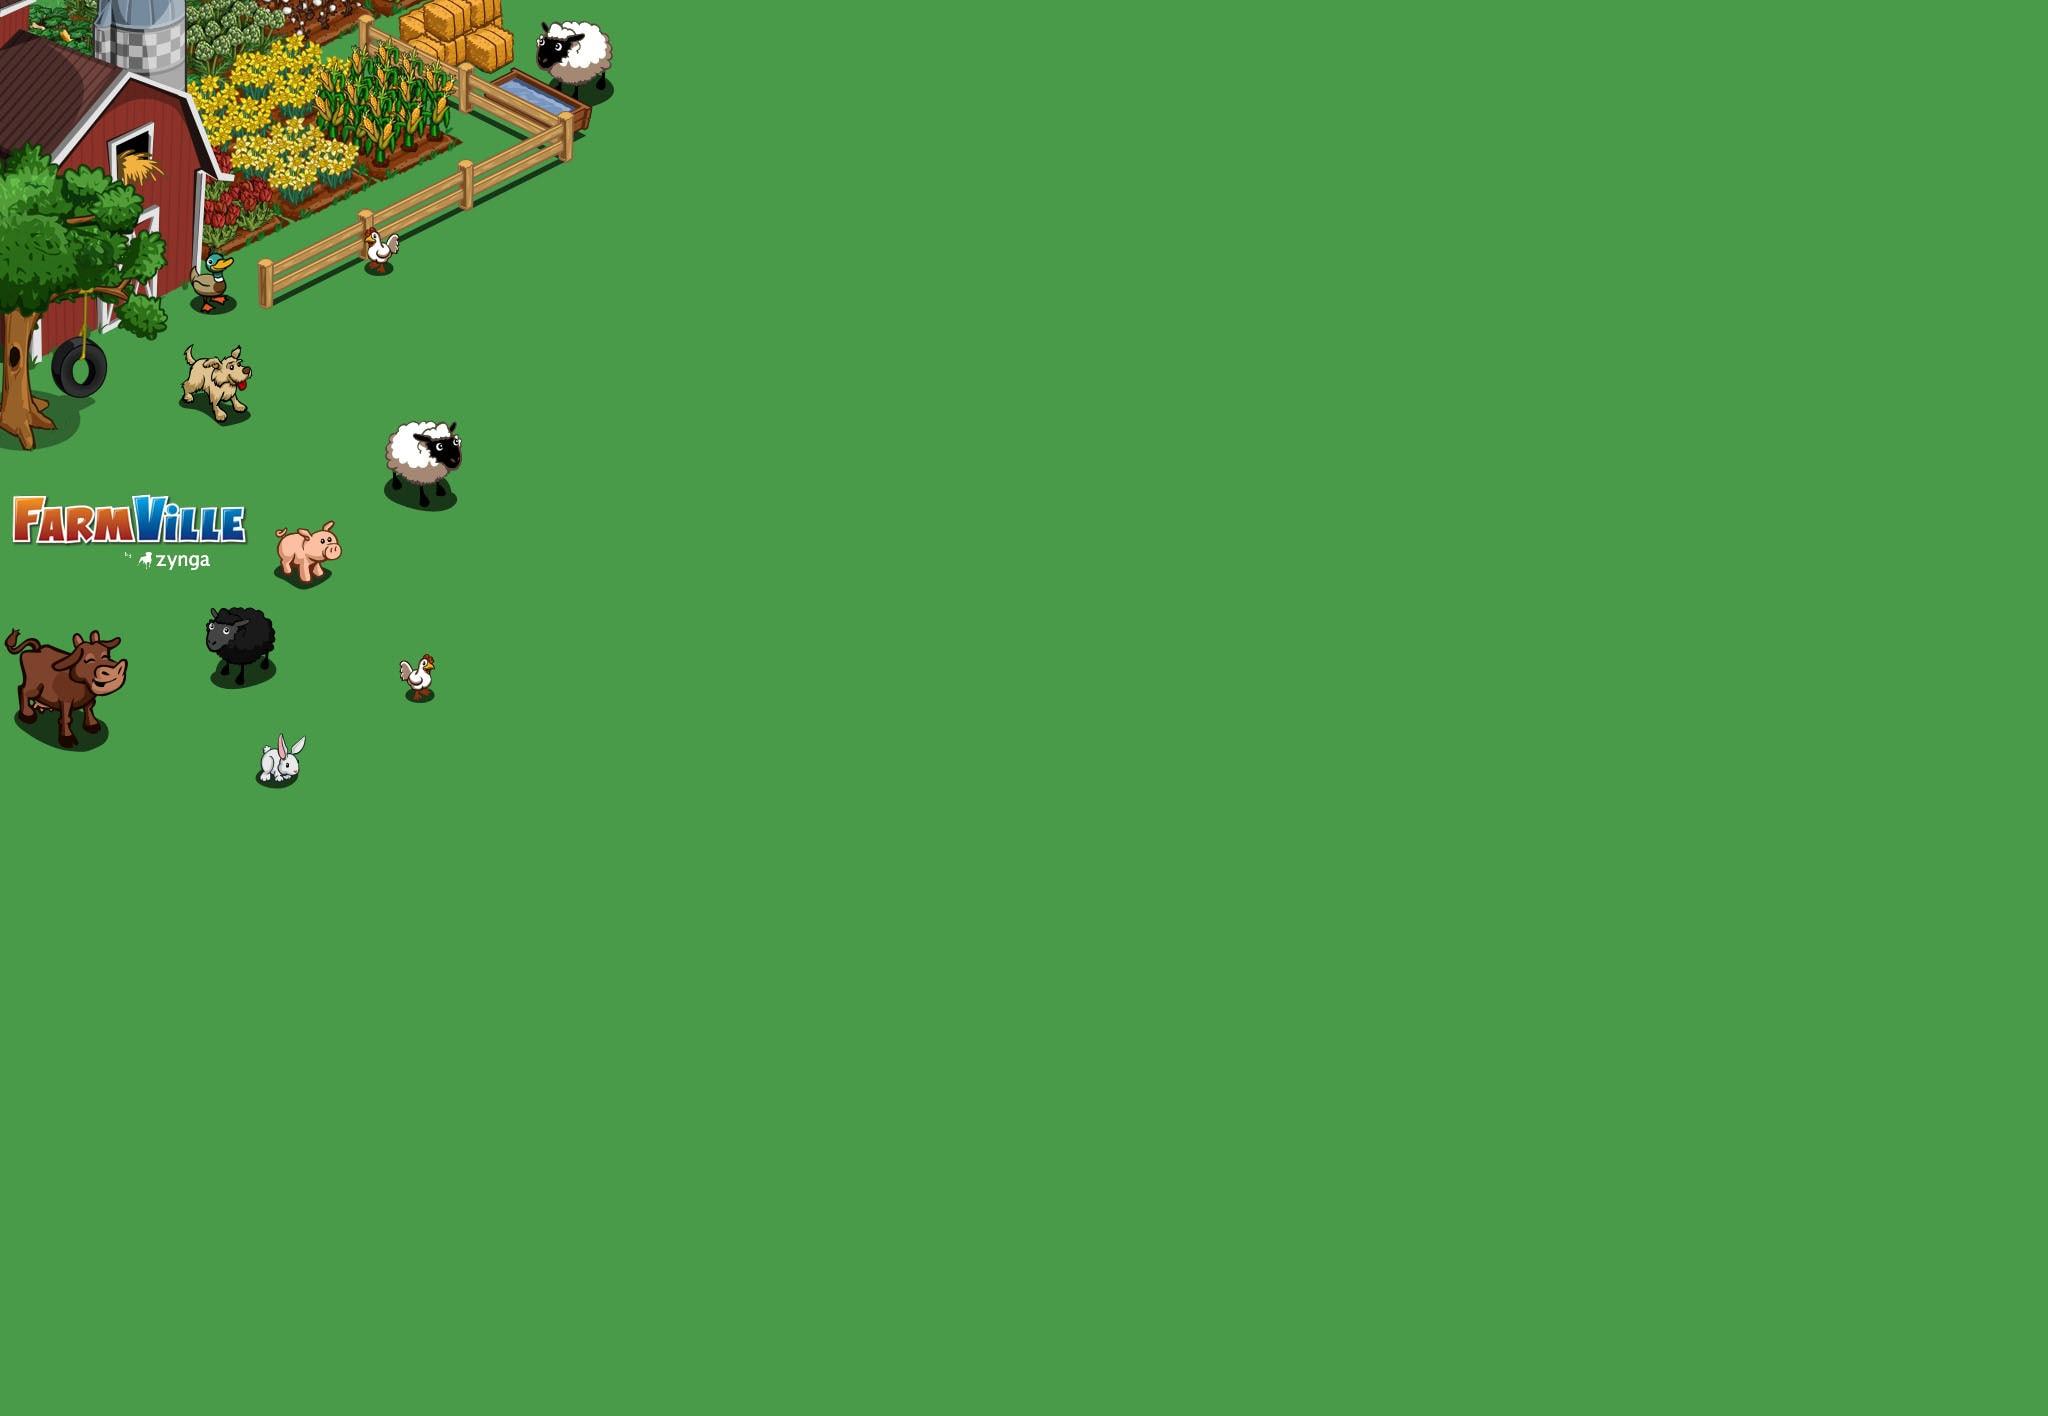 Farmville wallpaper fondo de pantalla para pc mac for Fondos de pantalla ordenador gratis